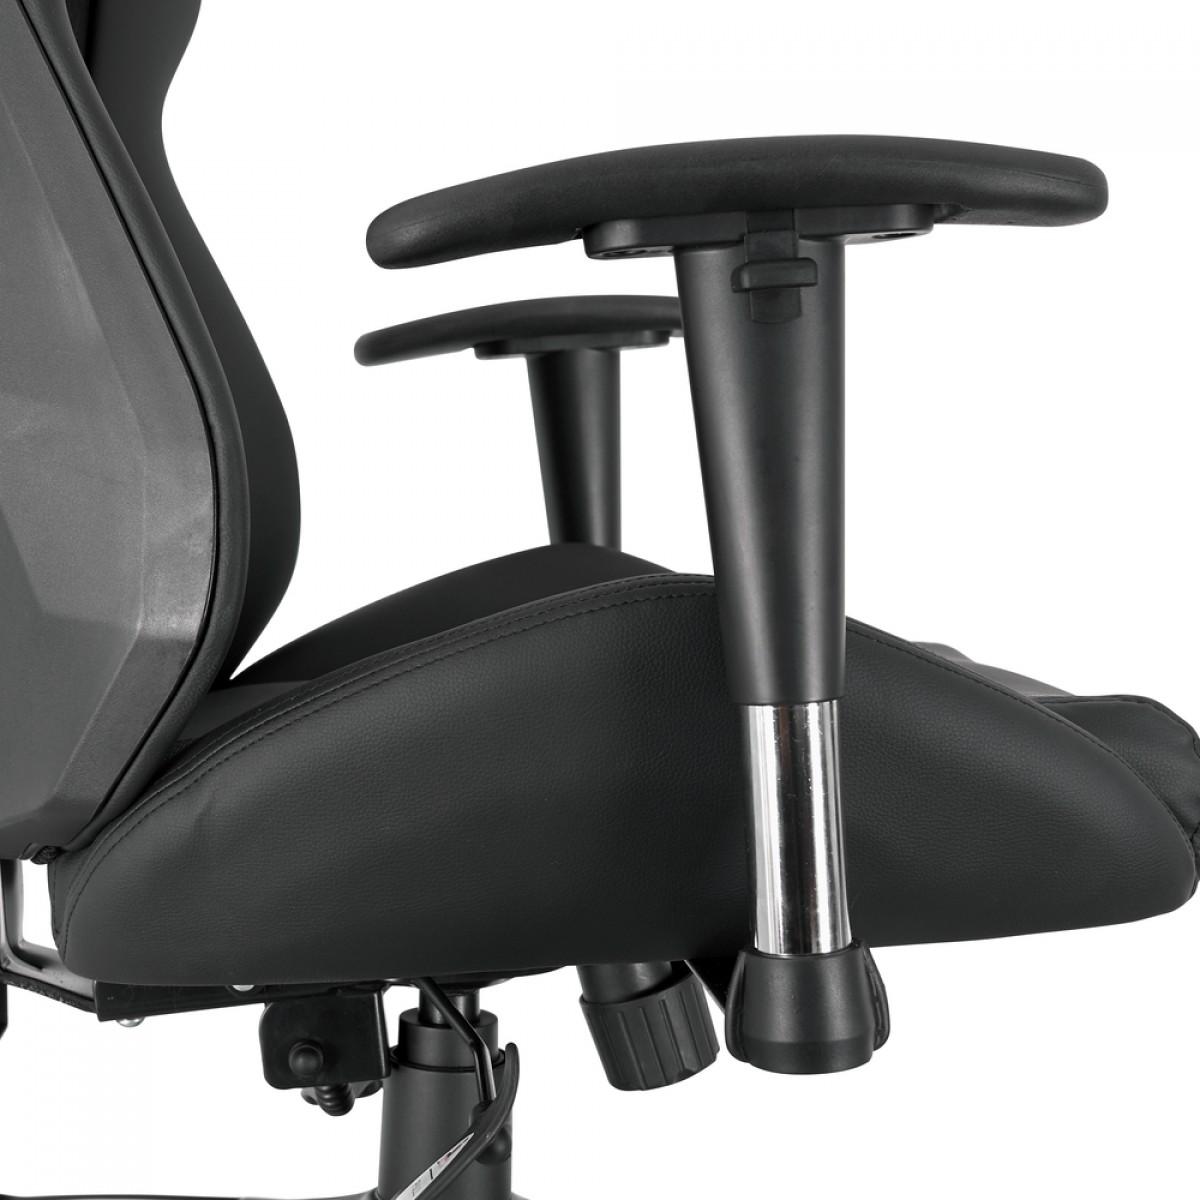 Cadeira Gamer Riotoro, Spitfire M2, Mesh, Reclinável, Black/Red, GC-10M2